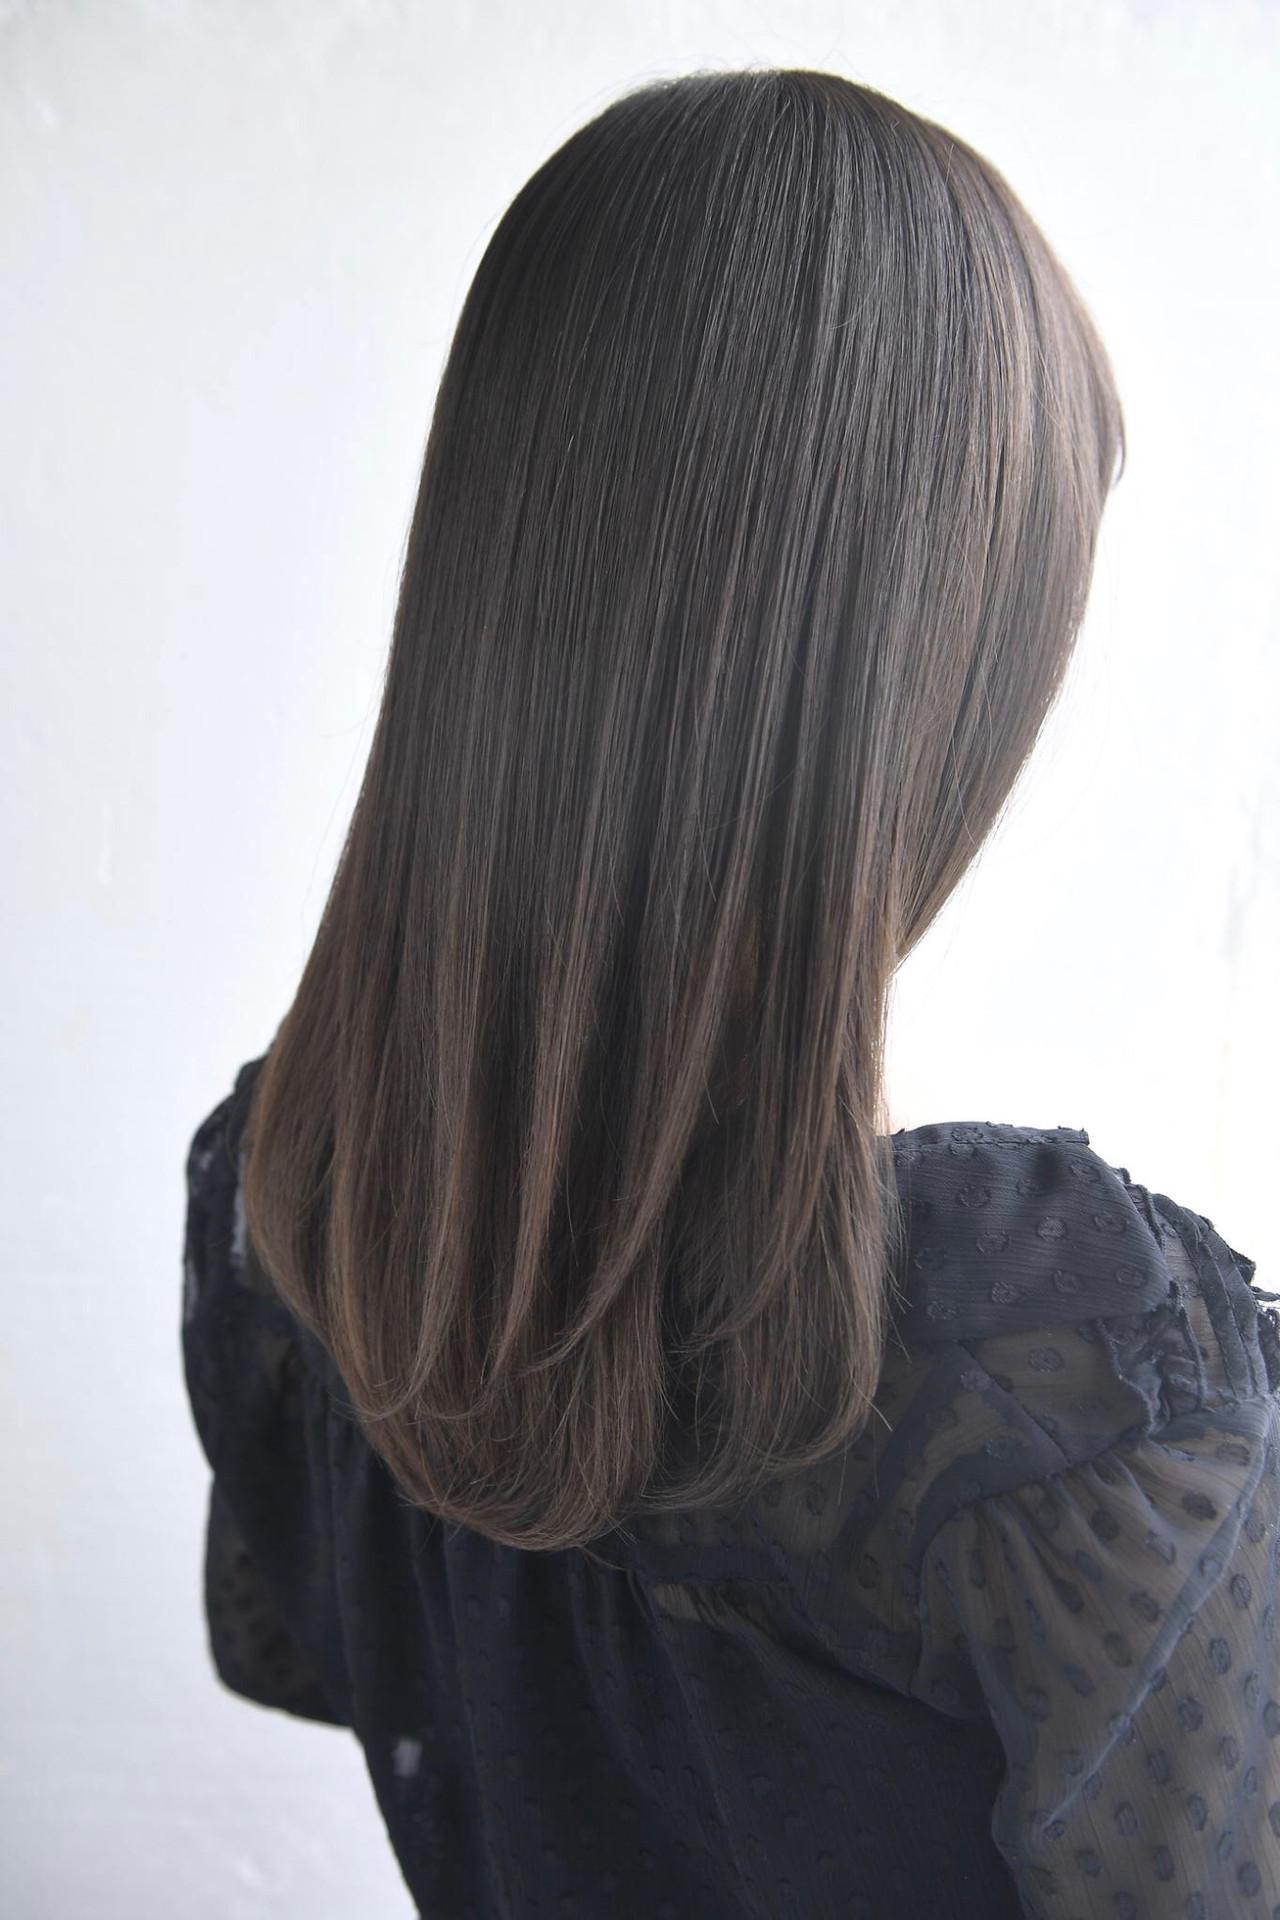 可愛い ナチュラル トリートメント 美髪 ヘアスタイルや髪型の写真・画像